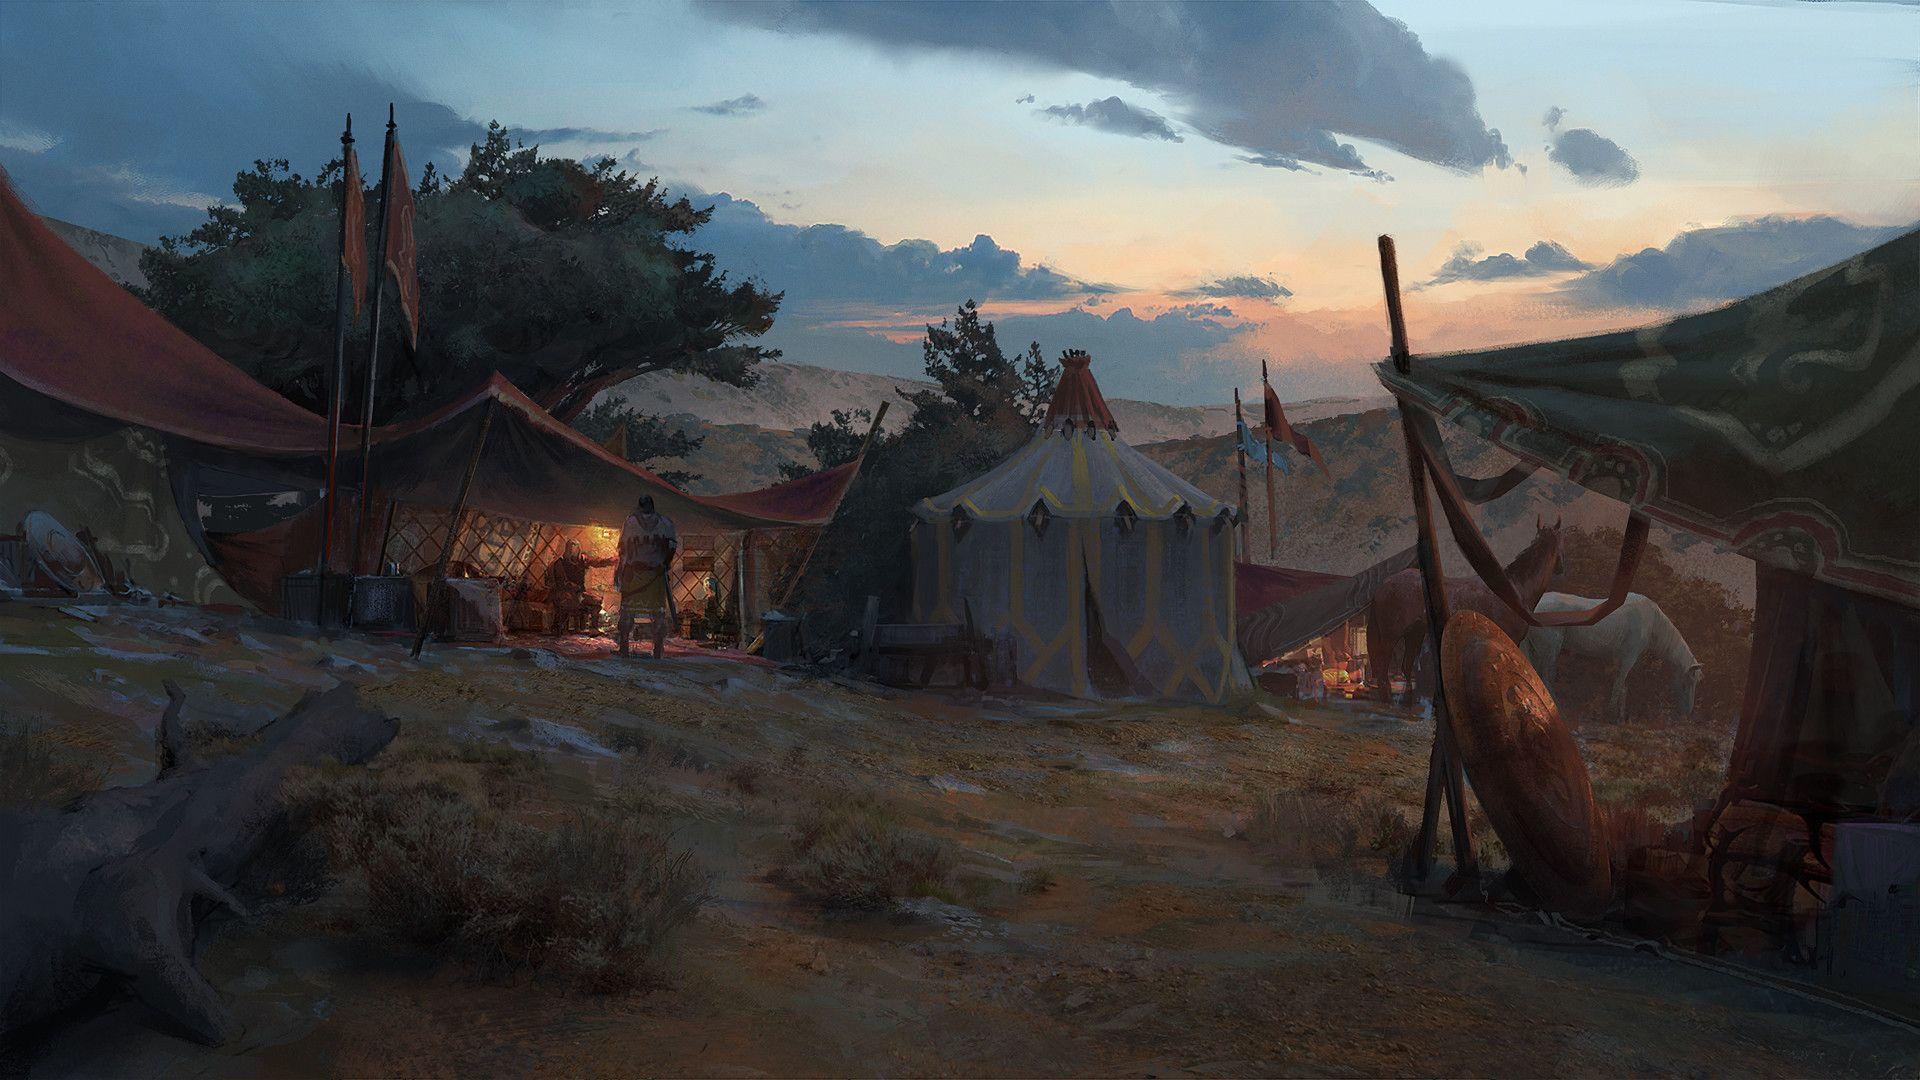 fantasy camp art에 대한 이미지 검색결과